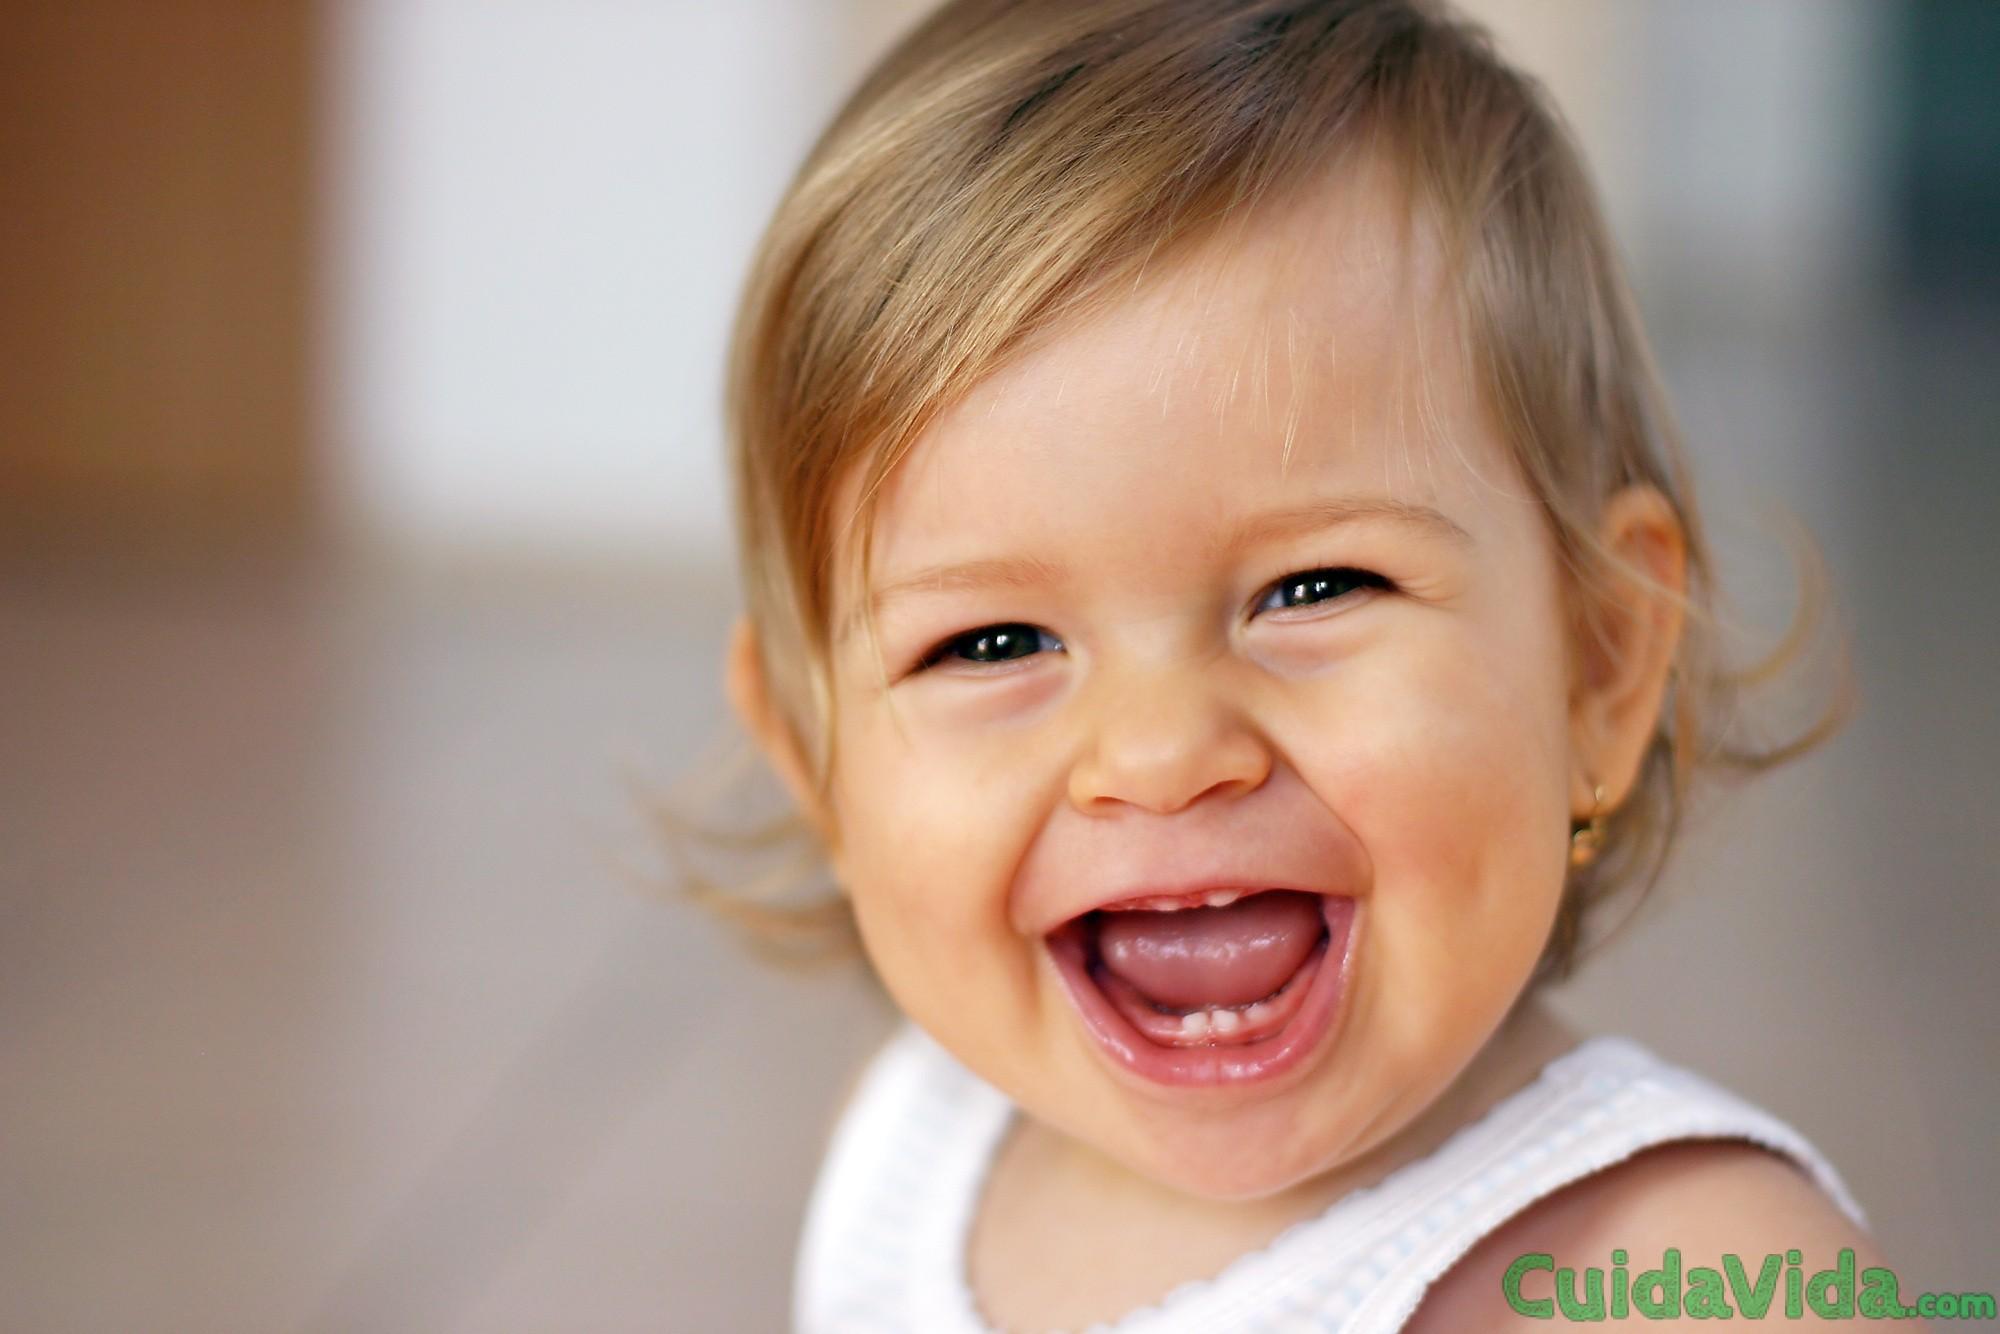 El cuidado de los dientes de leche es muy importante